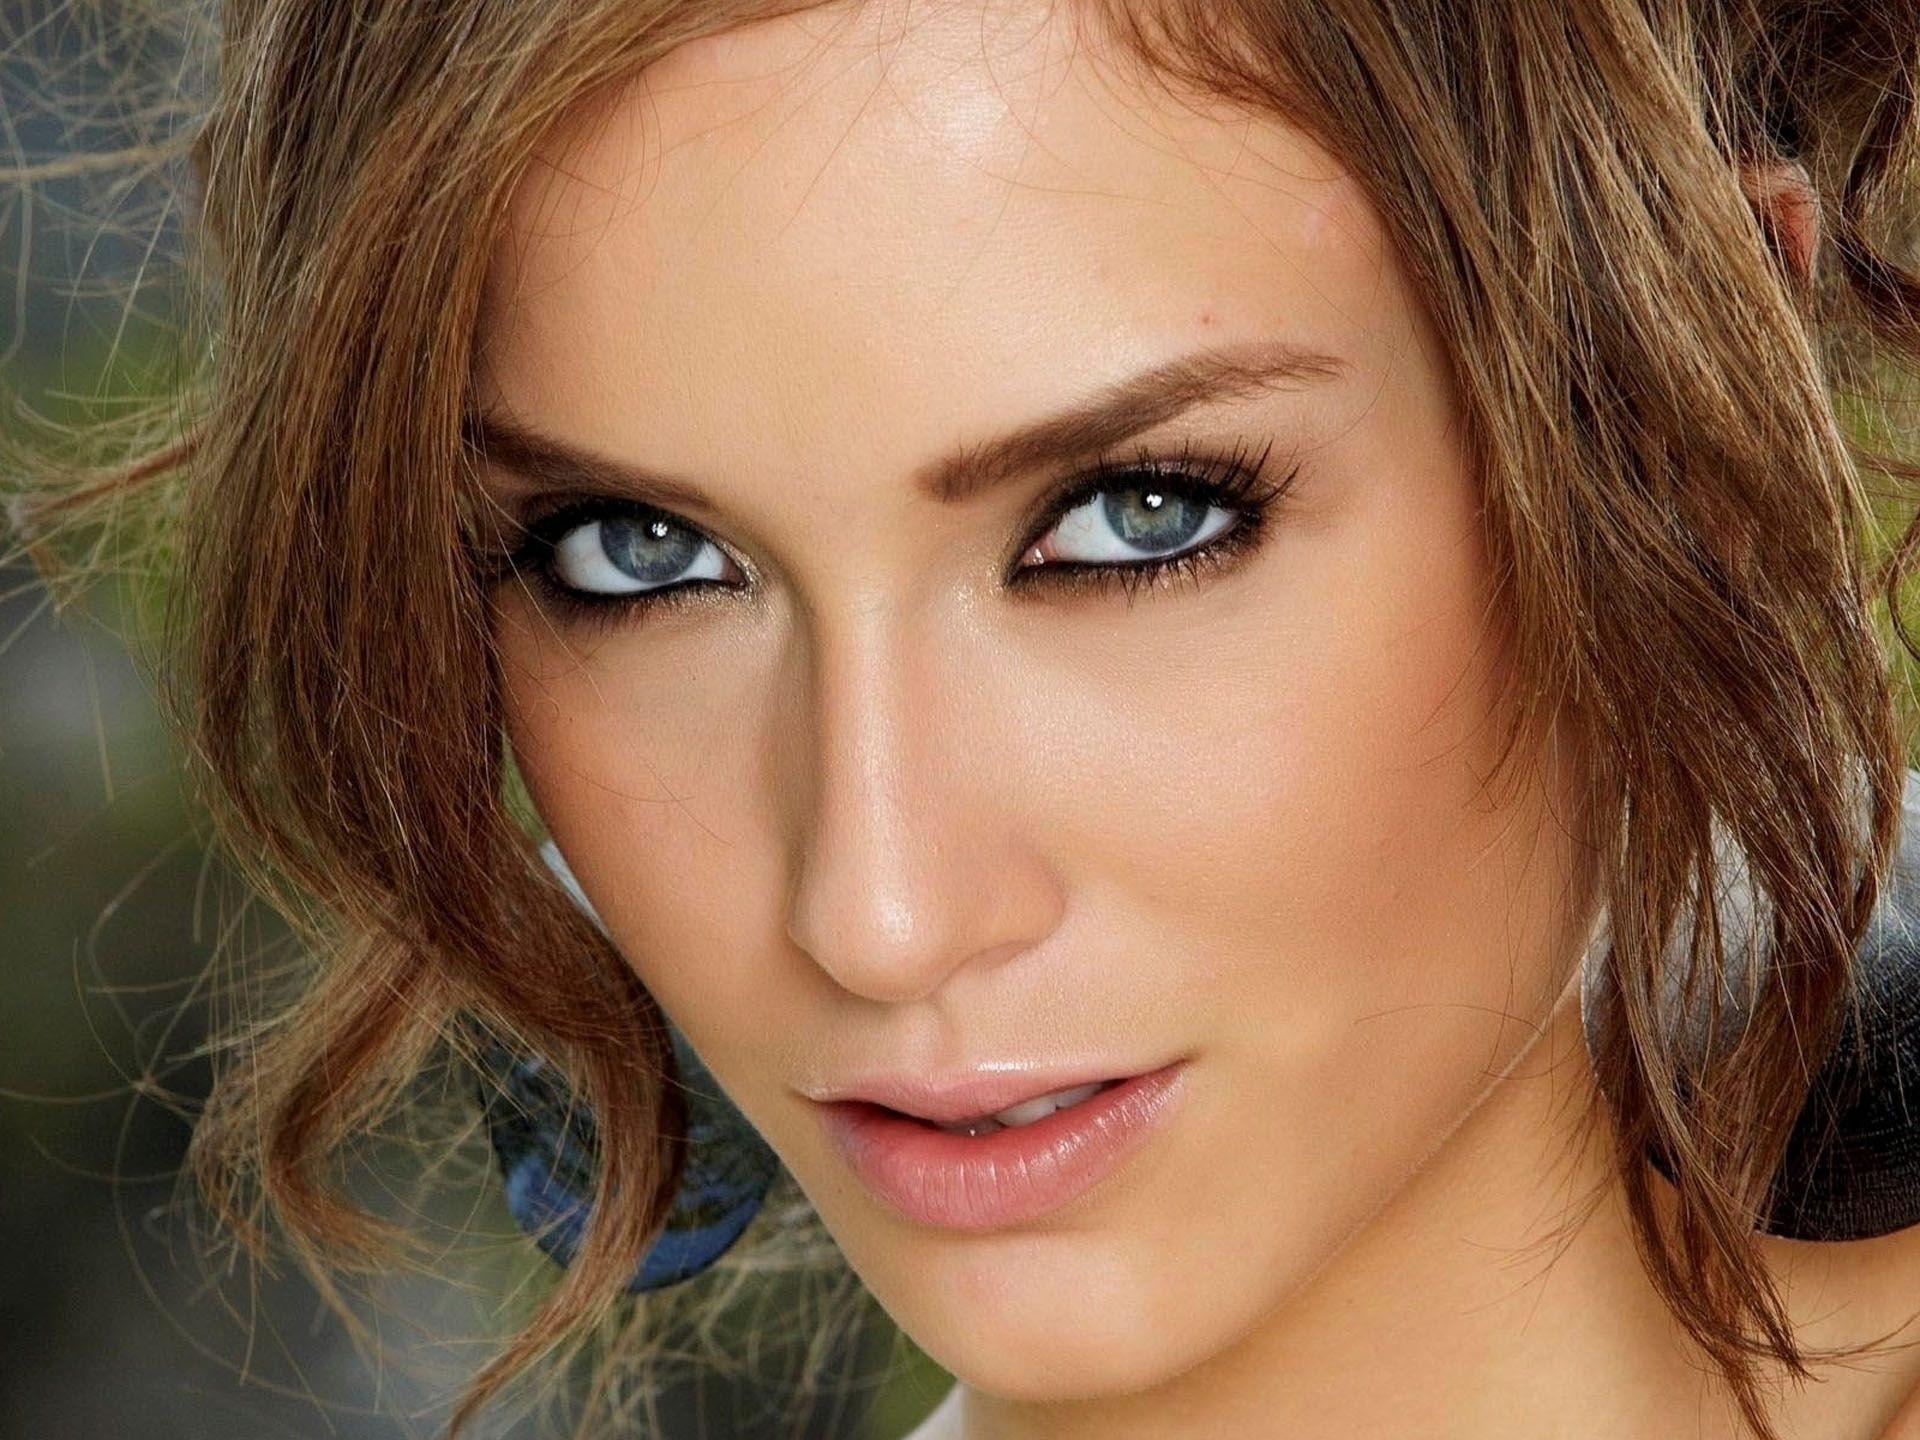 Blue Eyes Faces Lips Top Model Women